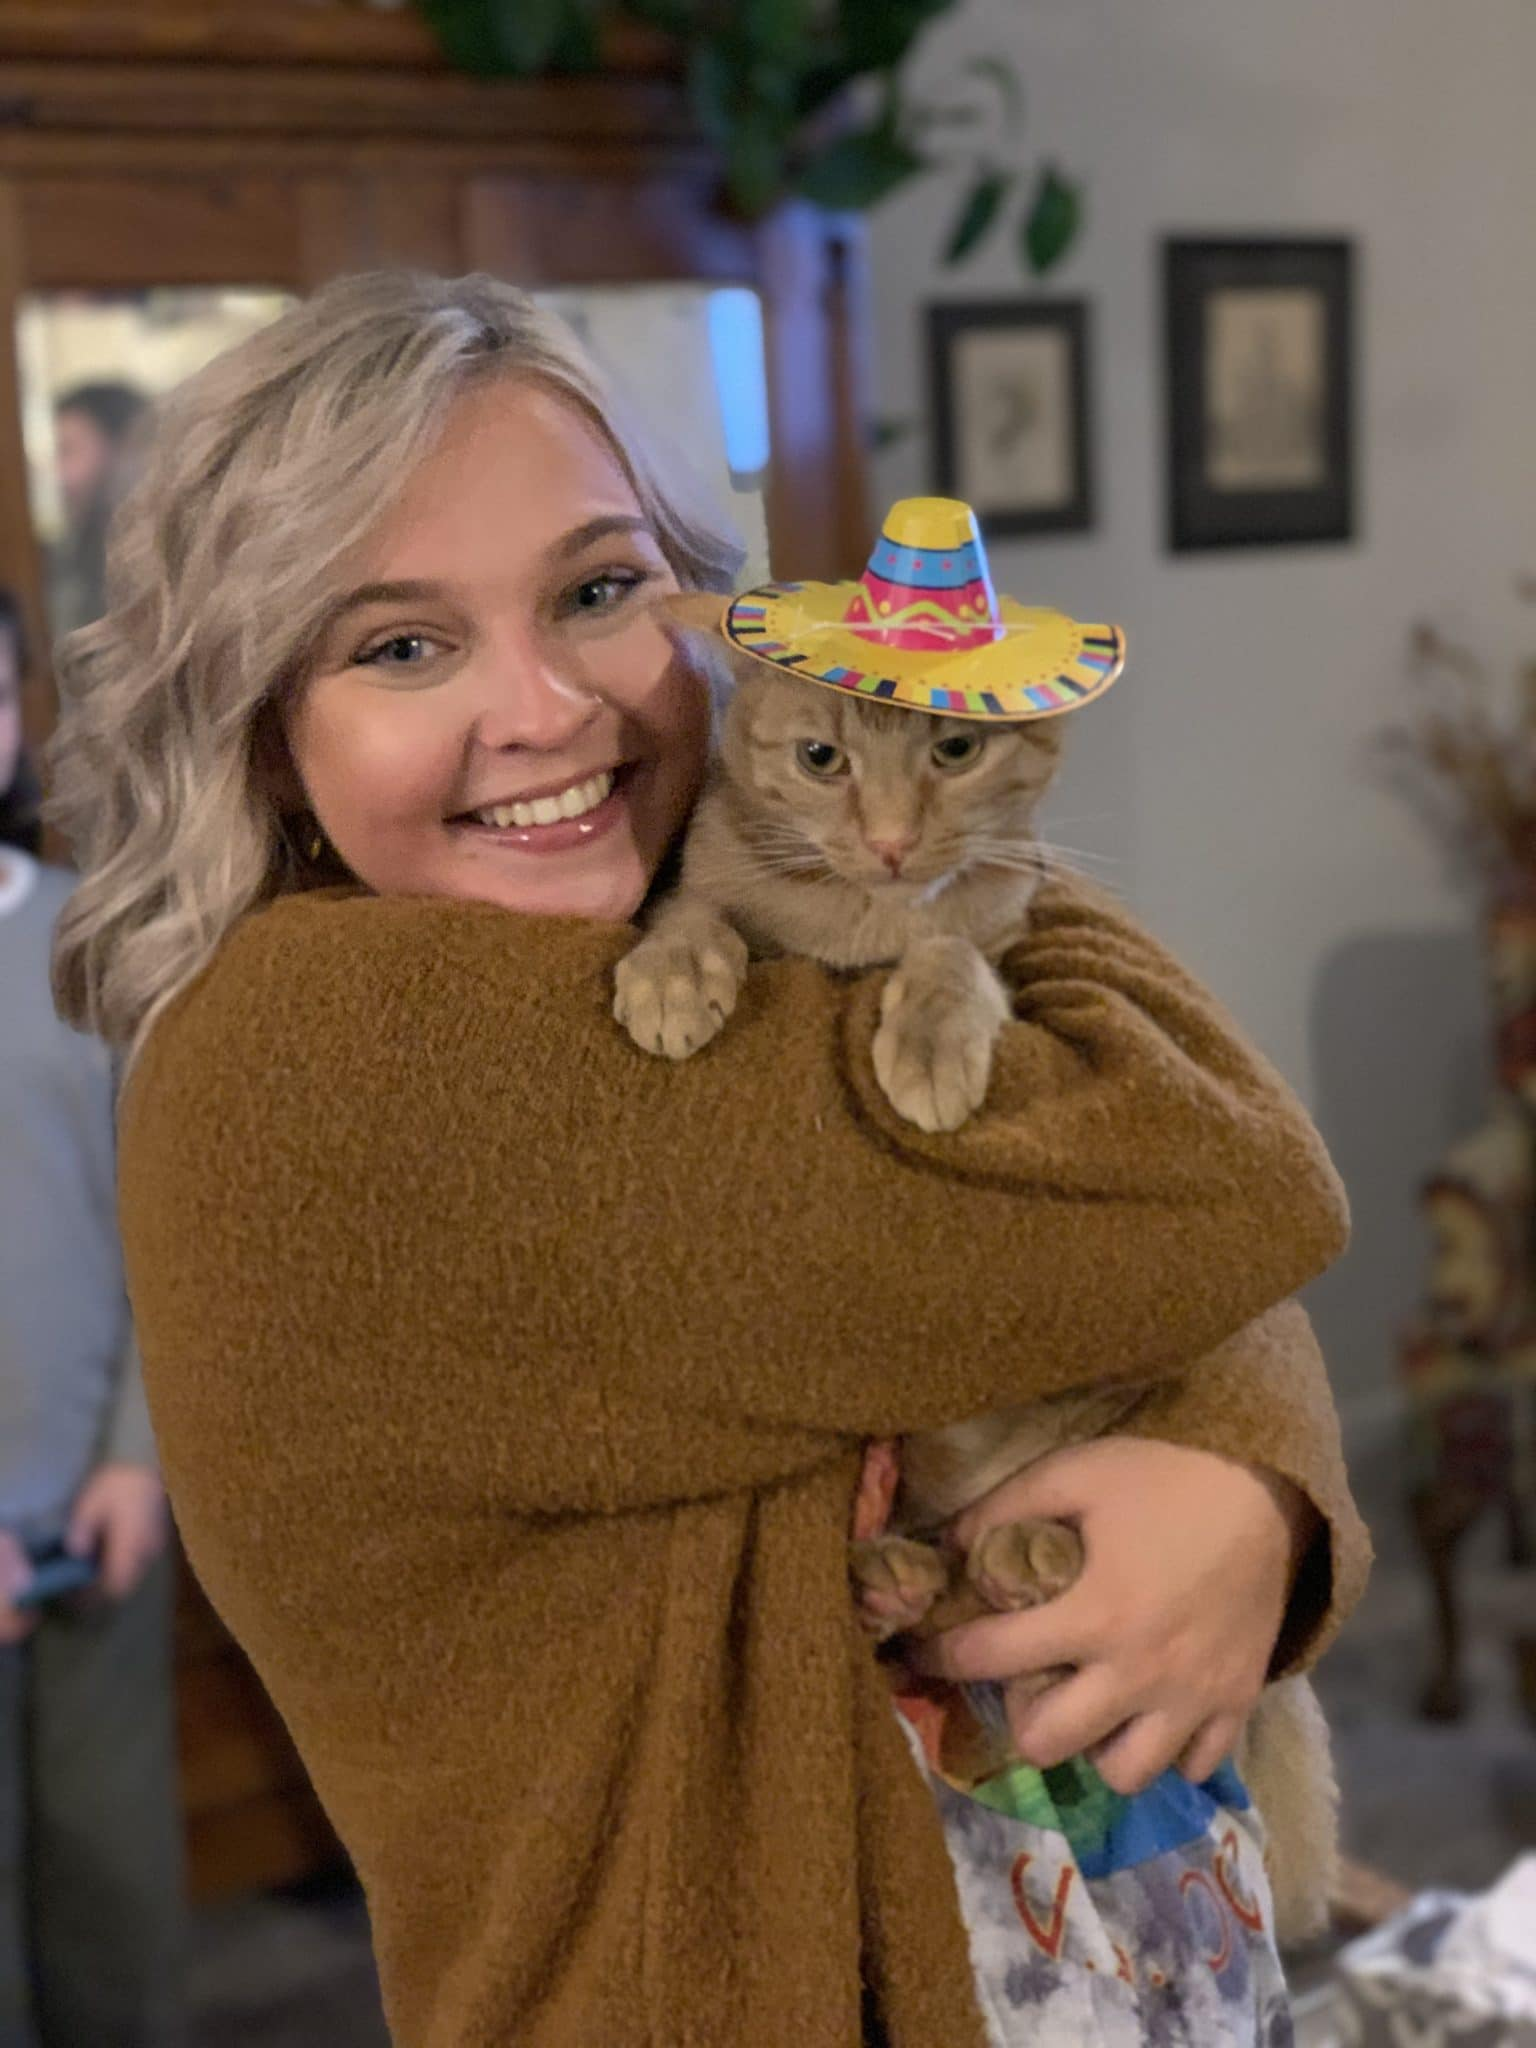 Cat in Sombrero, Cat Birthday Party